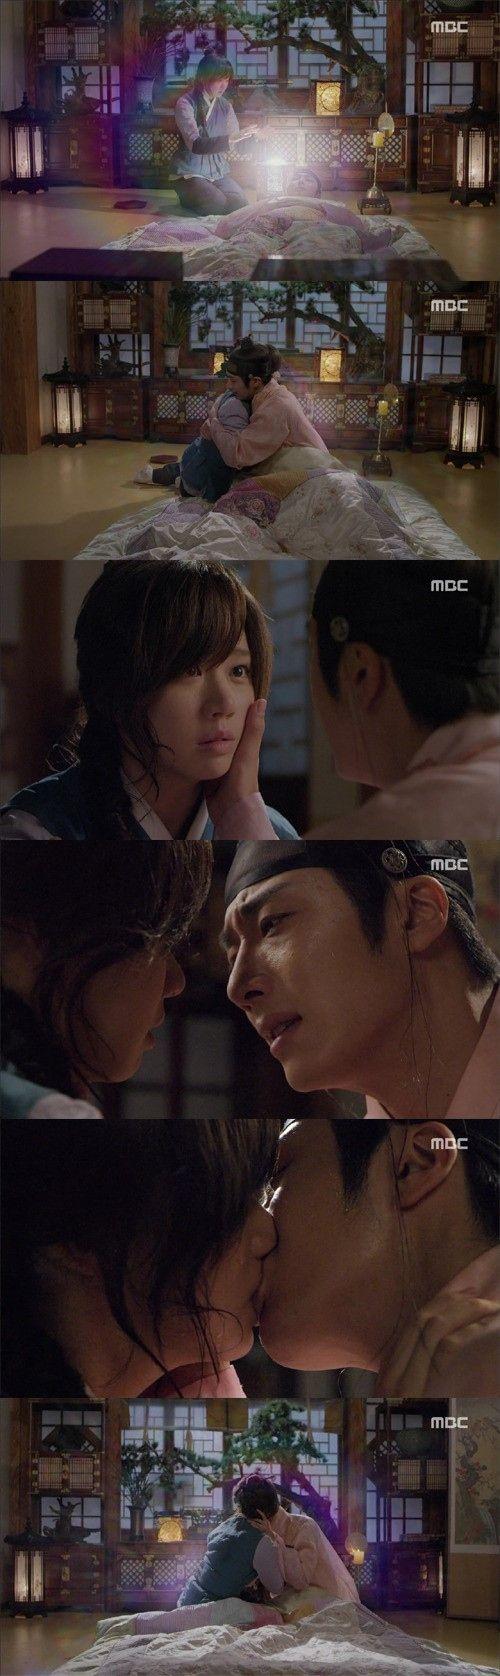 ※この記事にはドラマのストーリーに関する内容が含まれています。イ・リン(チョン・イル)が自身を救ってくれたトハ(コ・ソンヒ)にキスをした。23日に韓国で放送されたMBC月火ドラマ「夜警日誌」(脚本:… - 韓流・韓国芸能ニュースはKstyle